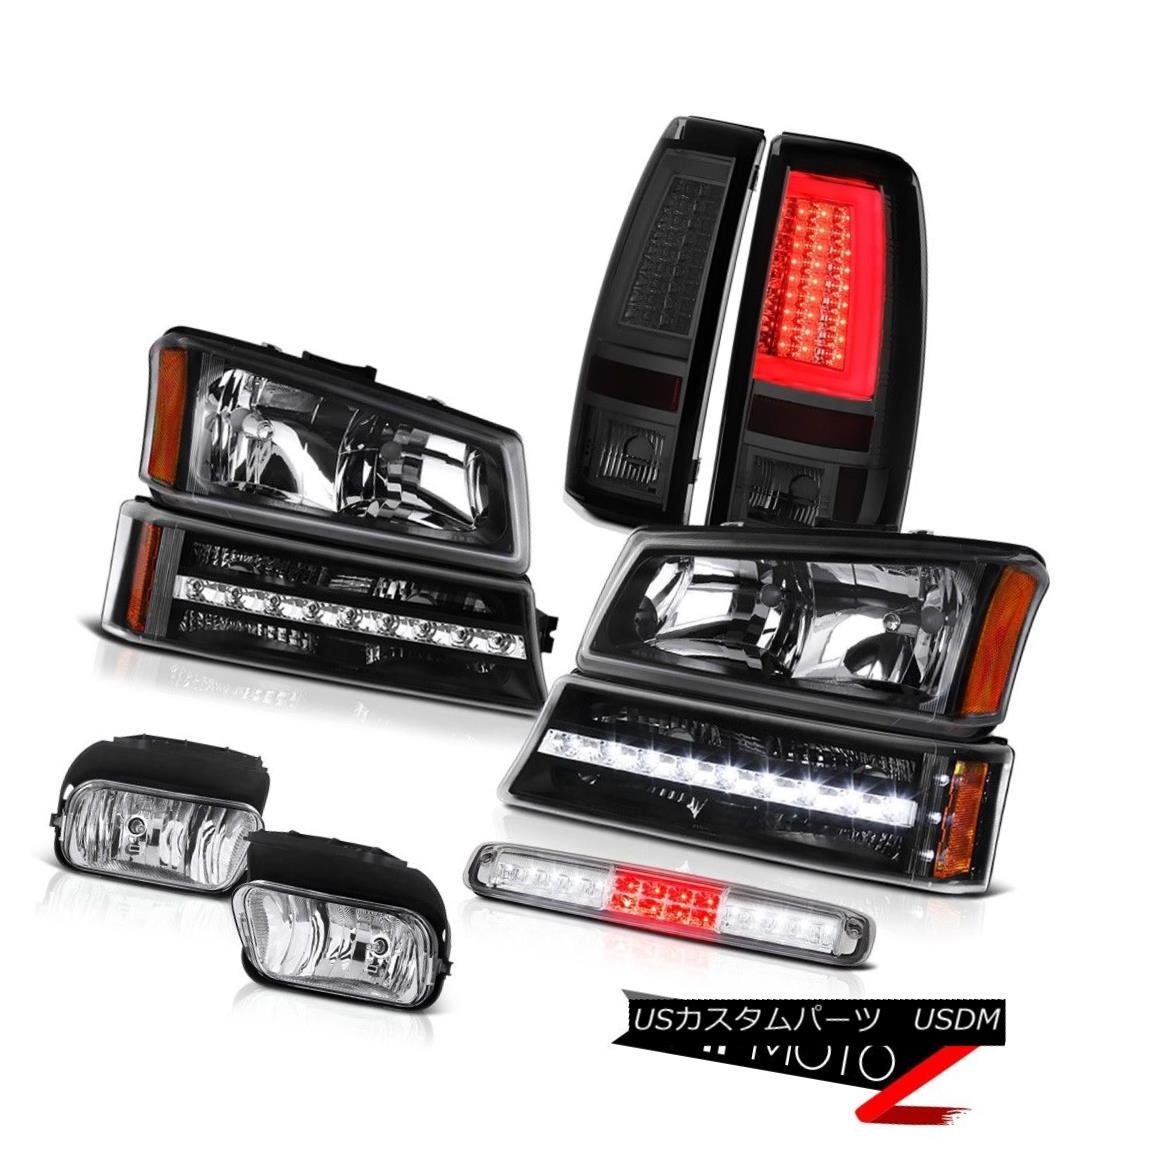 テールライト 03-06 Chevy Silverado Taillamps Fog Lamps Roof Cab Light Headlights Parking LED 03-06 Chevy Silverado TaillampsフォグランプルーフキャブライトヘッドライトパーキングLED